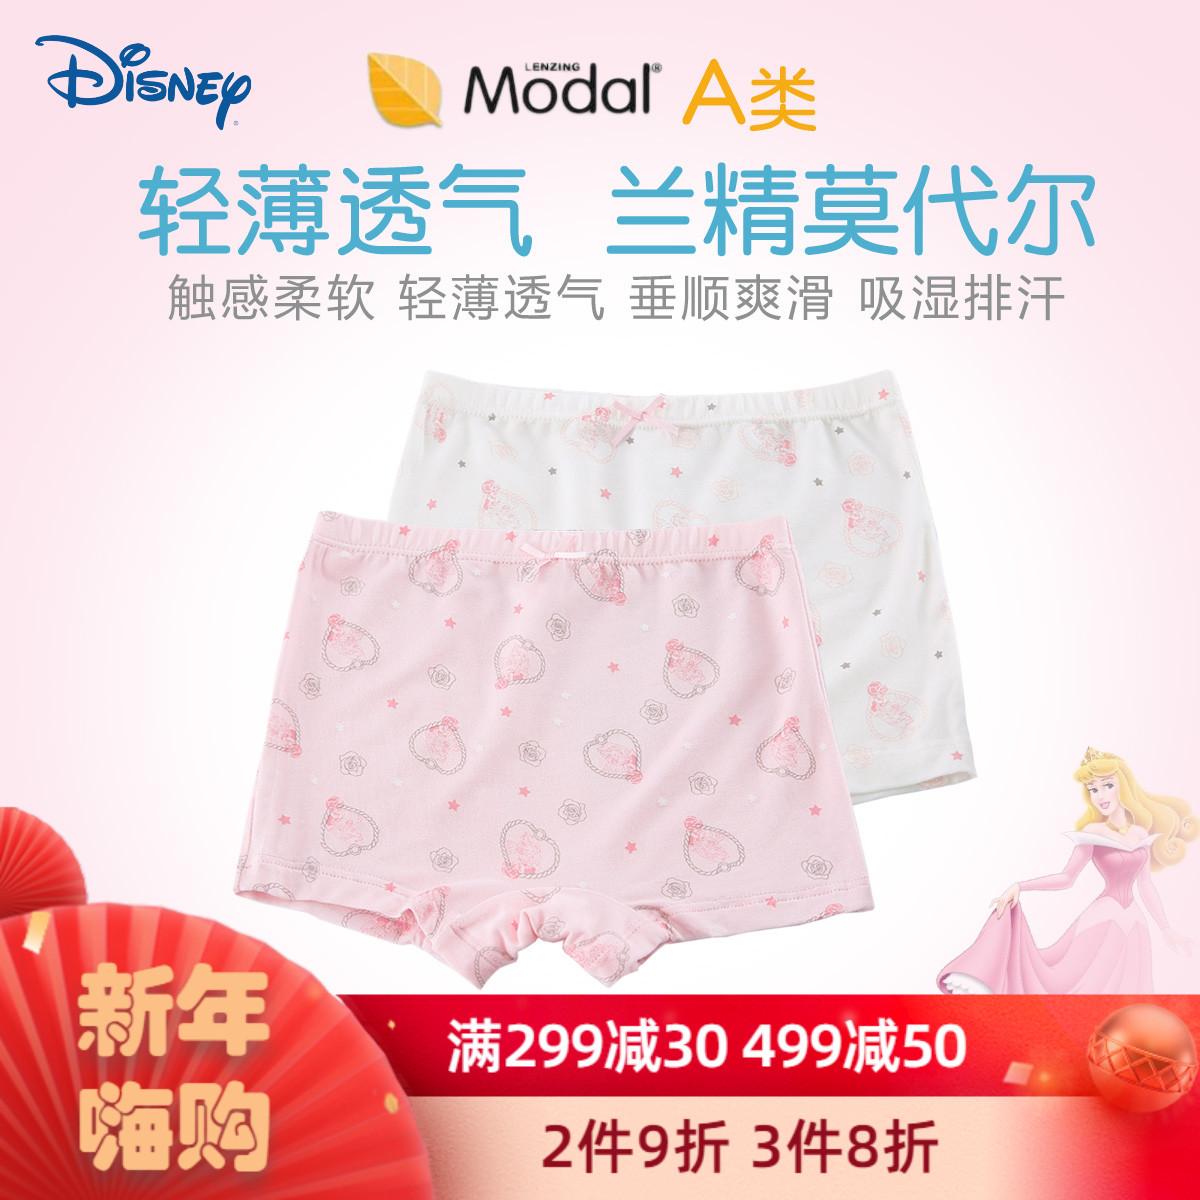 迪士尼女中大童莫代尔平角内裤睡美人三枪内衣儿童短裤A类平脚裤